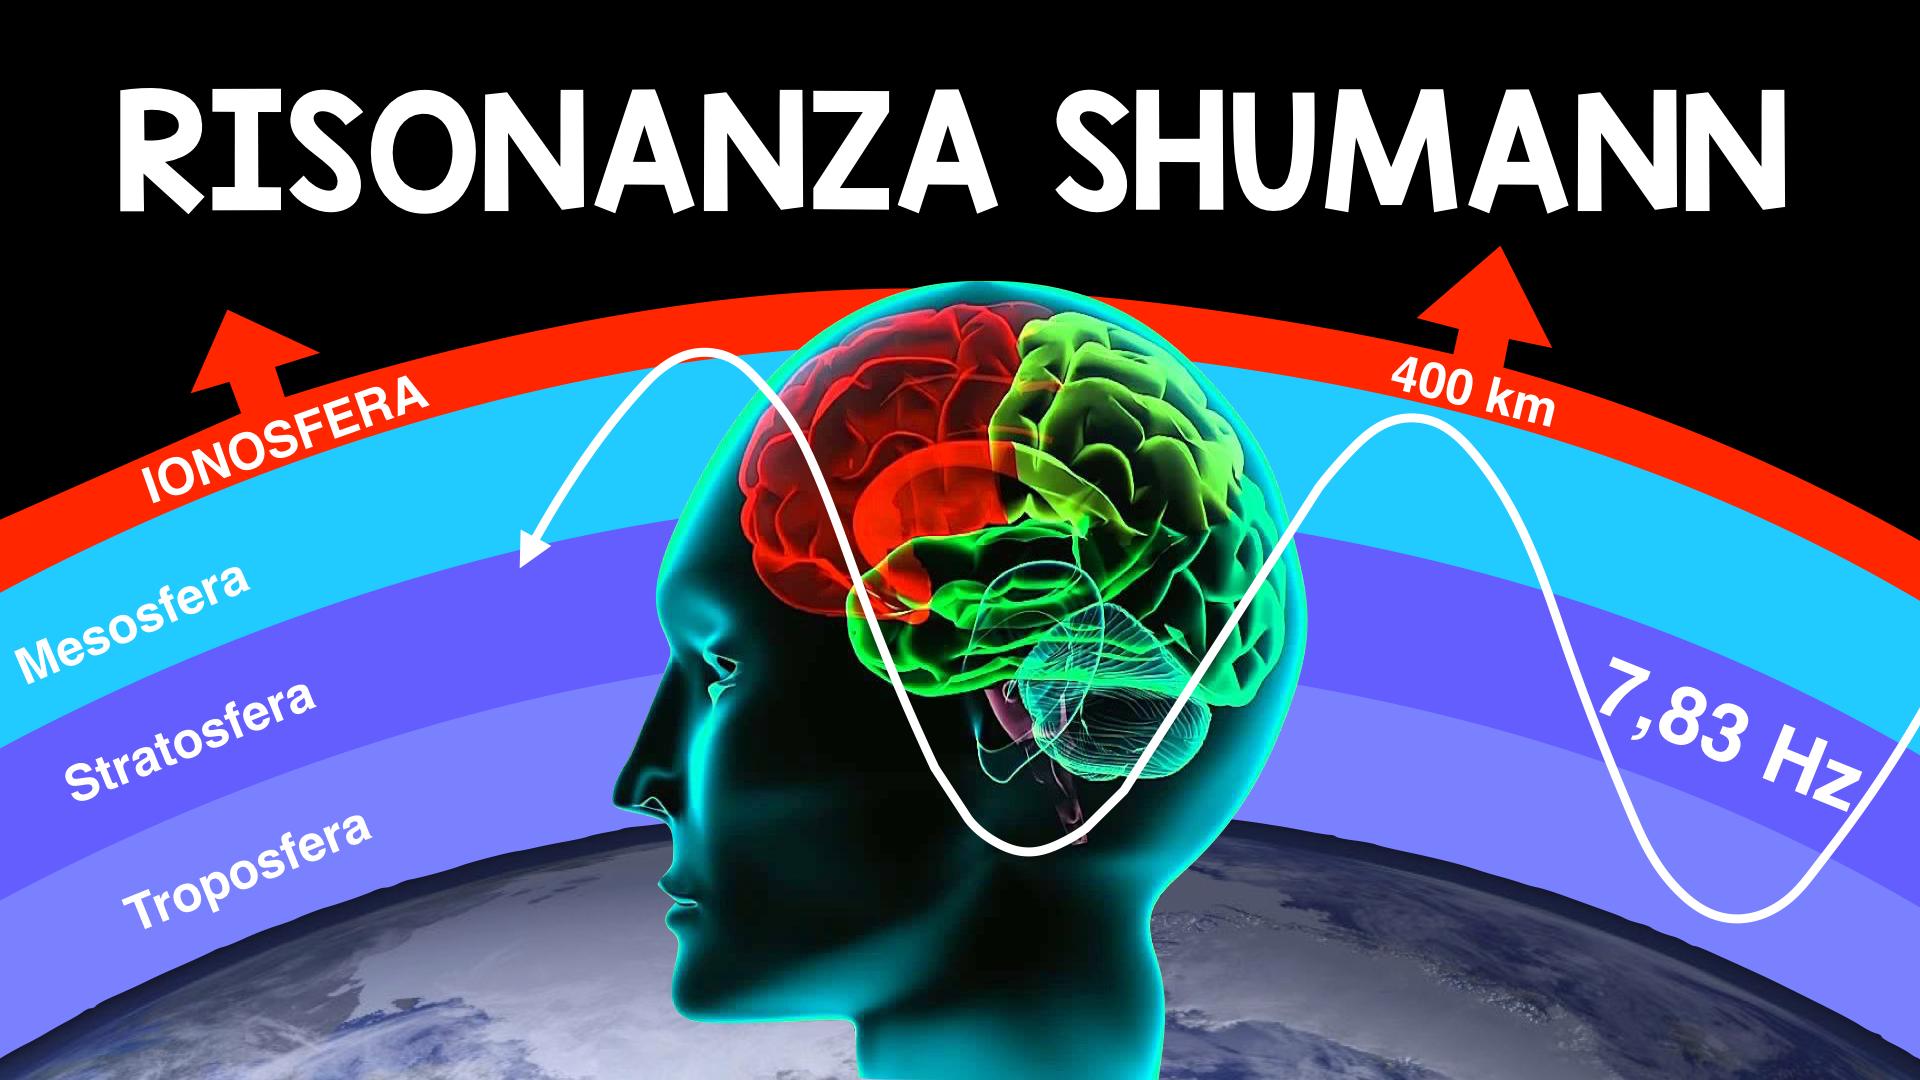 frequenza di schumann